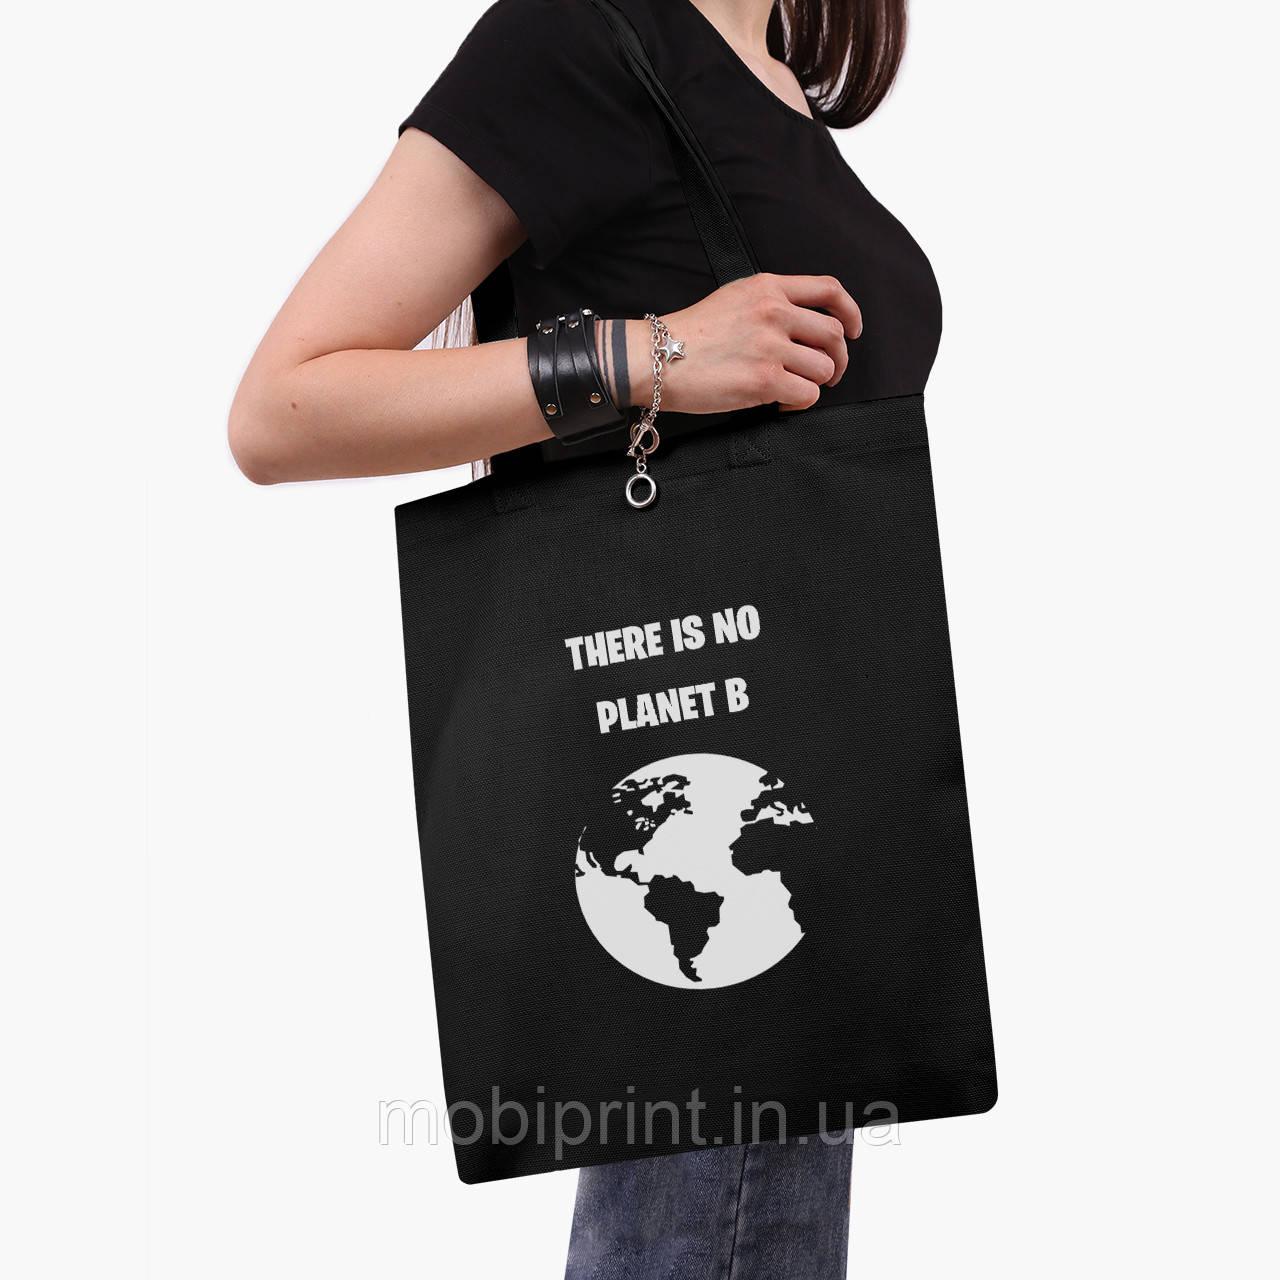 Эко сумка шоппер черная Экология (Ecology) (9227-1333-2)  экосумка шопер 41*35 см